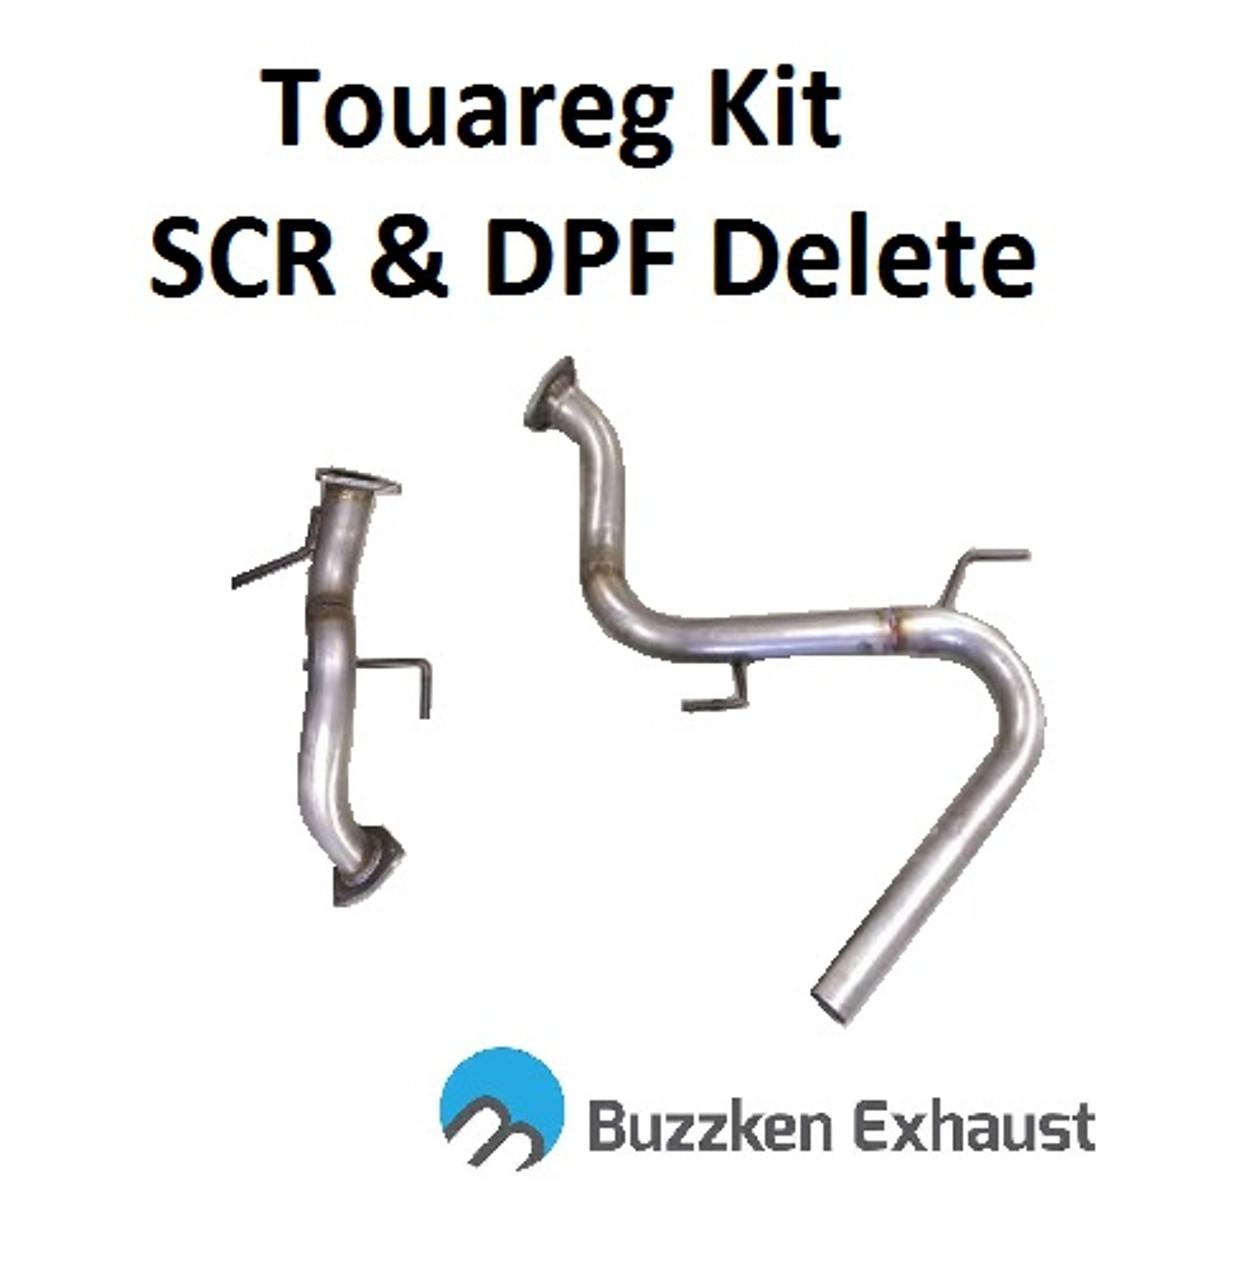 VW Touareg DPF and SCR Delete Kit by BuzzKen